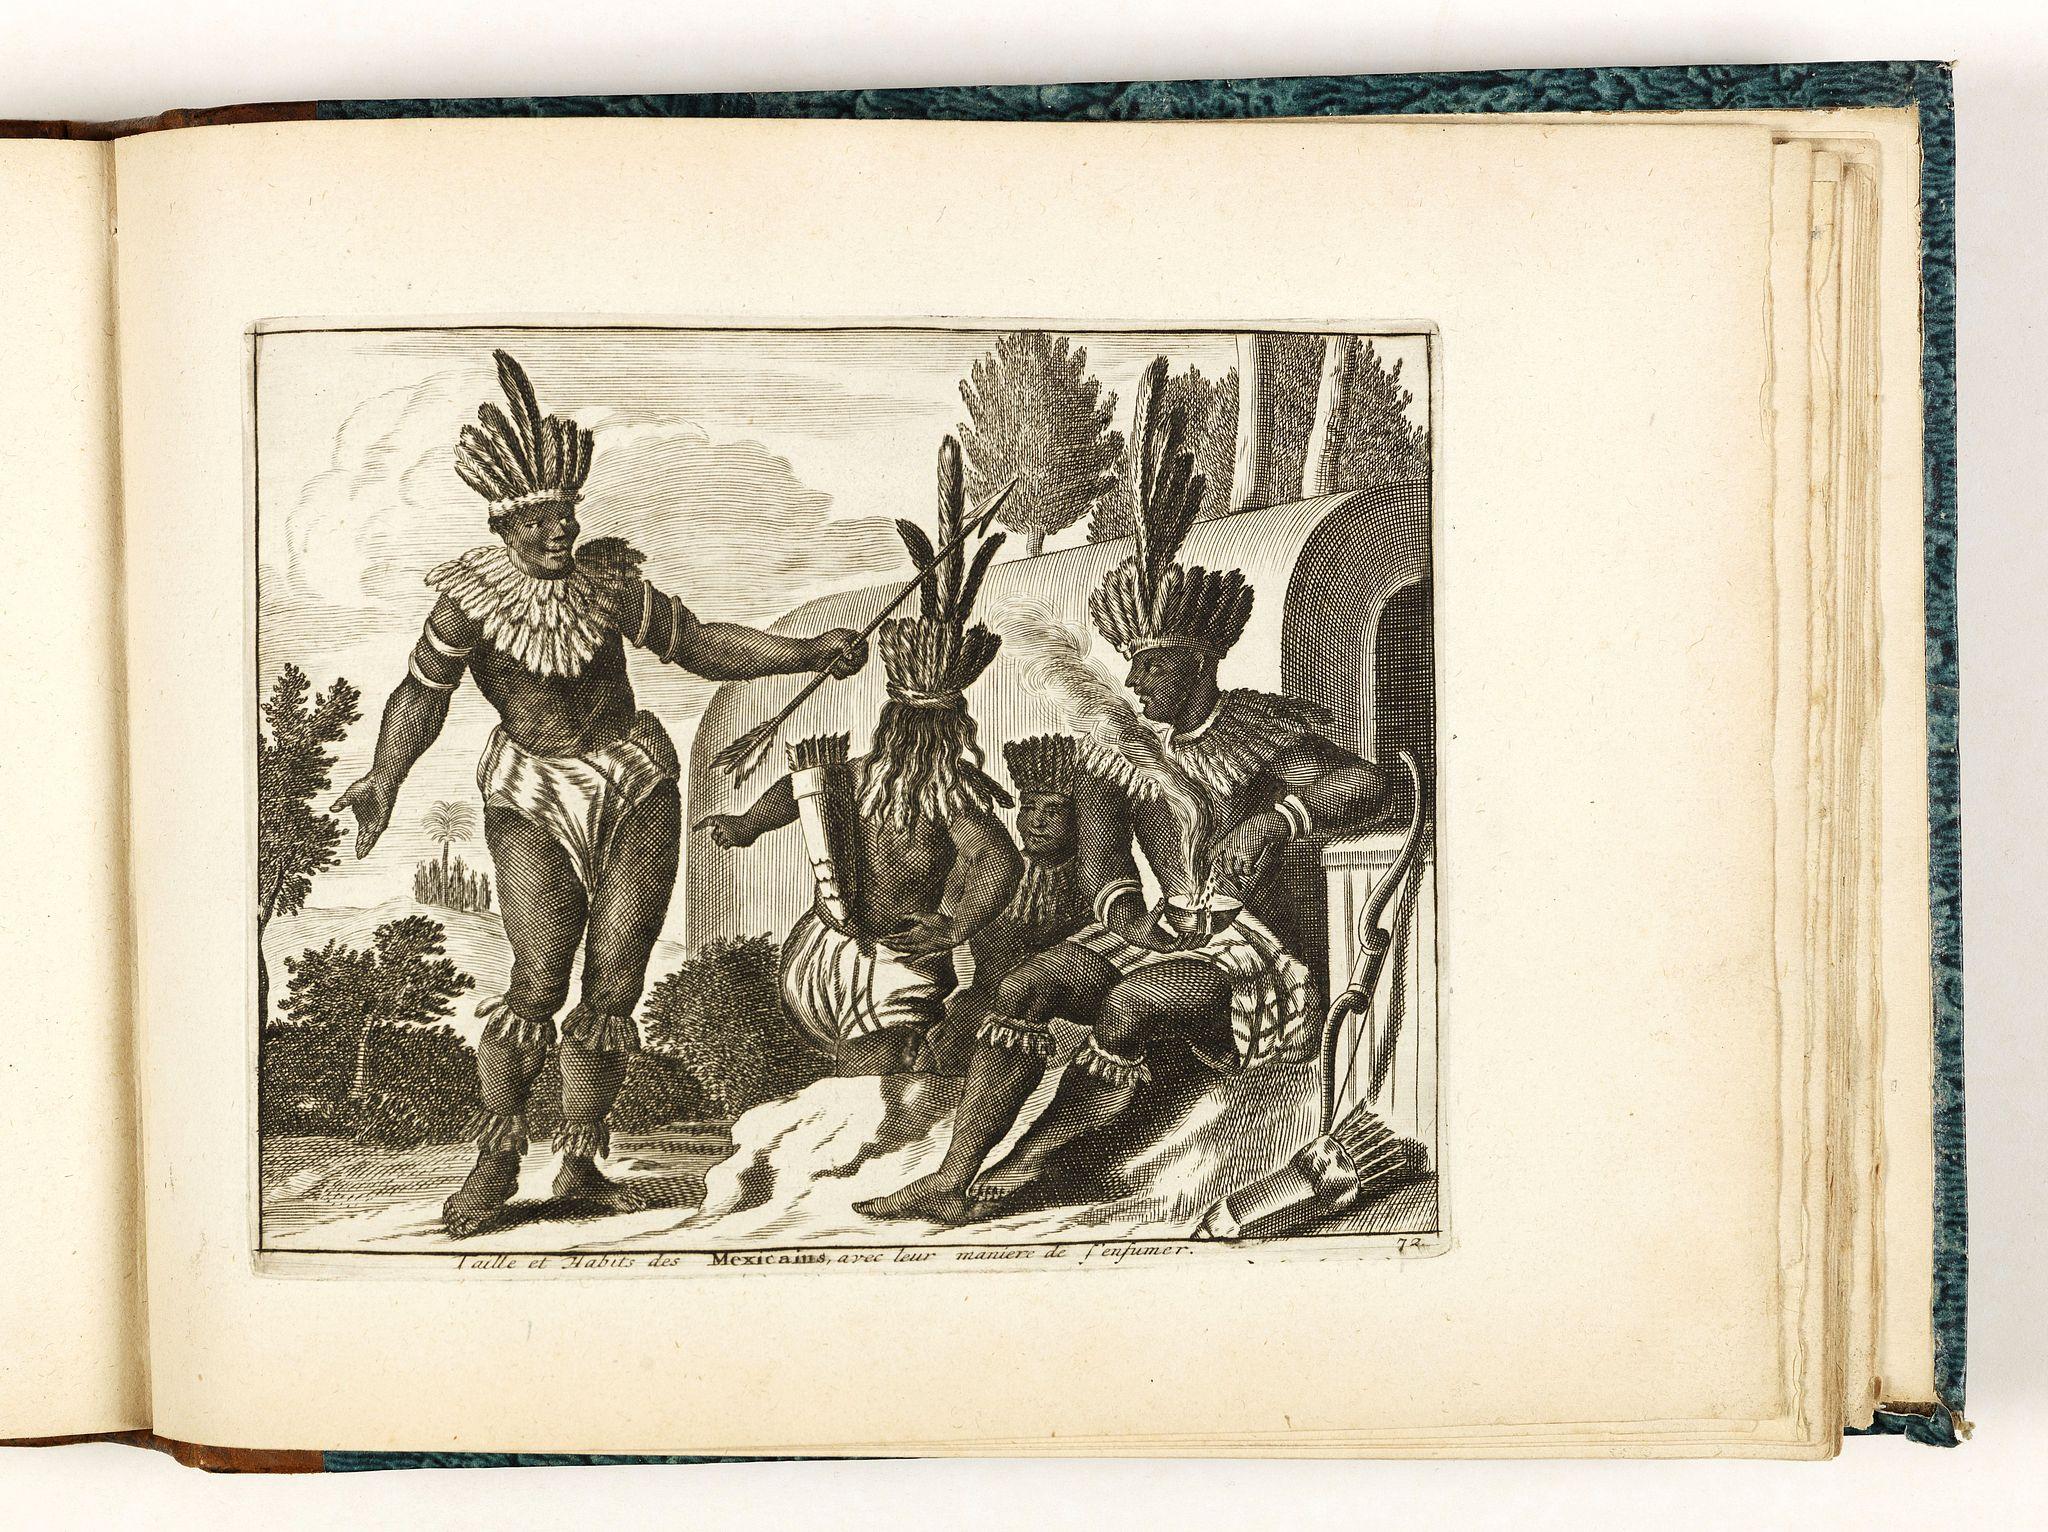 VAN DER AA, Pieter. -  Habillemens de plusieurs nations représentez au naturel, en cent trente-sept belles figures.